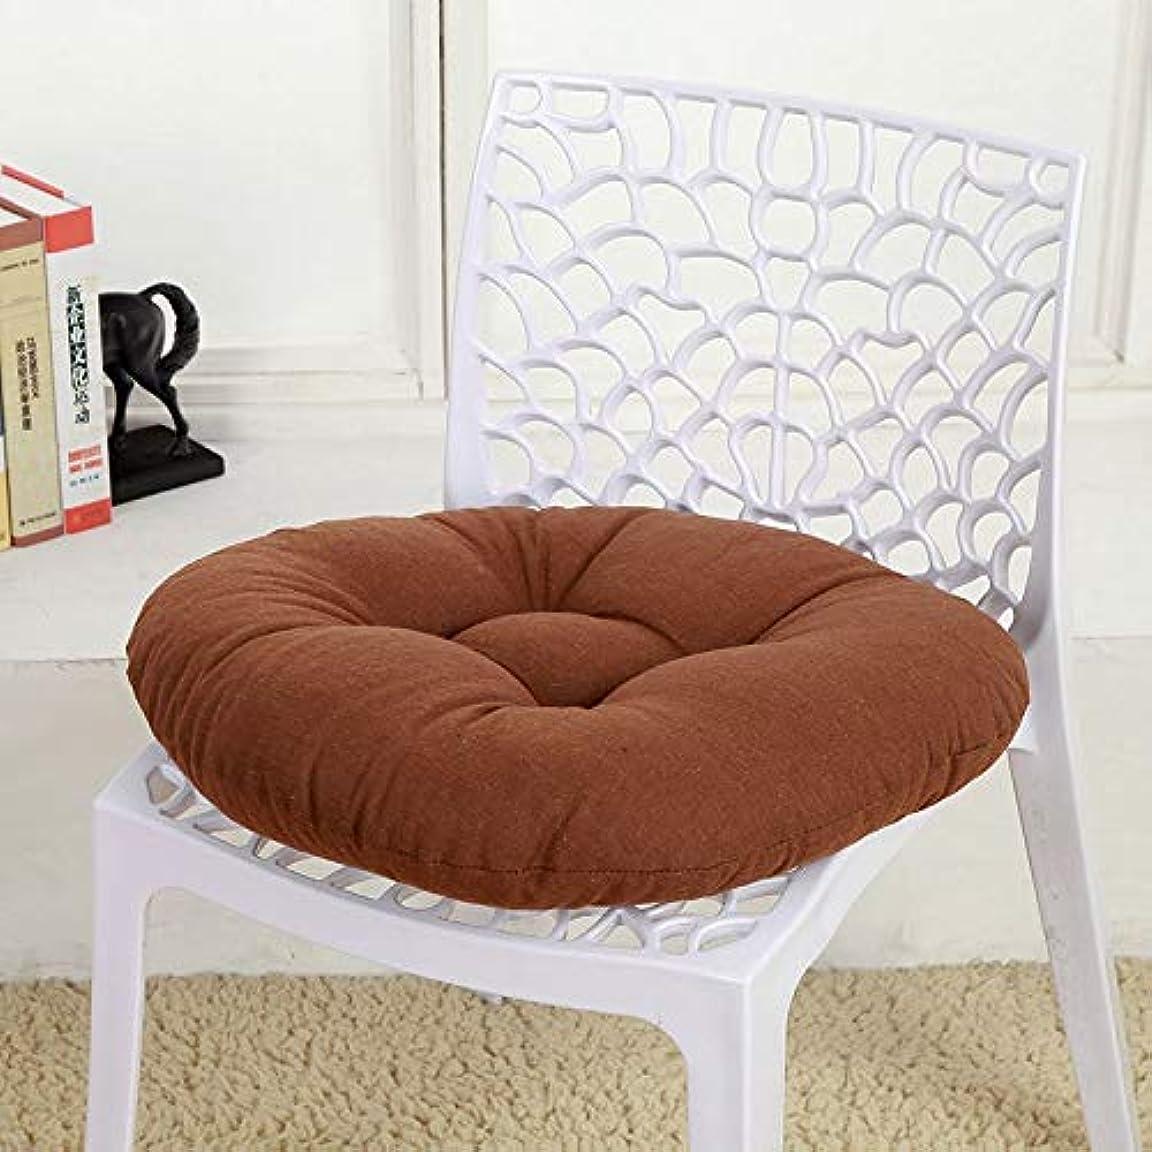 修理工一般化する下位LIFE キャンディカラーのクッションラウンドシートクッション波ウィンドウシートクッションクッション家の装飾パッドラウンド枕シート枕椅子座る枕 クッション 椅子